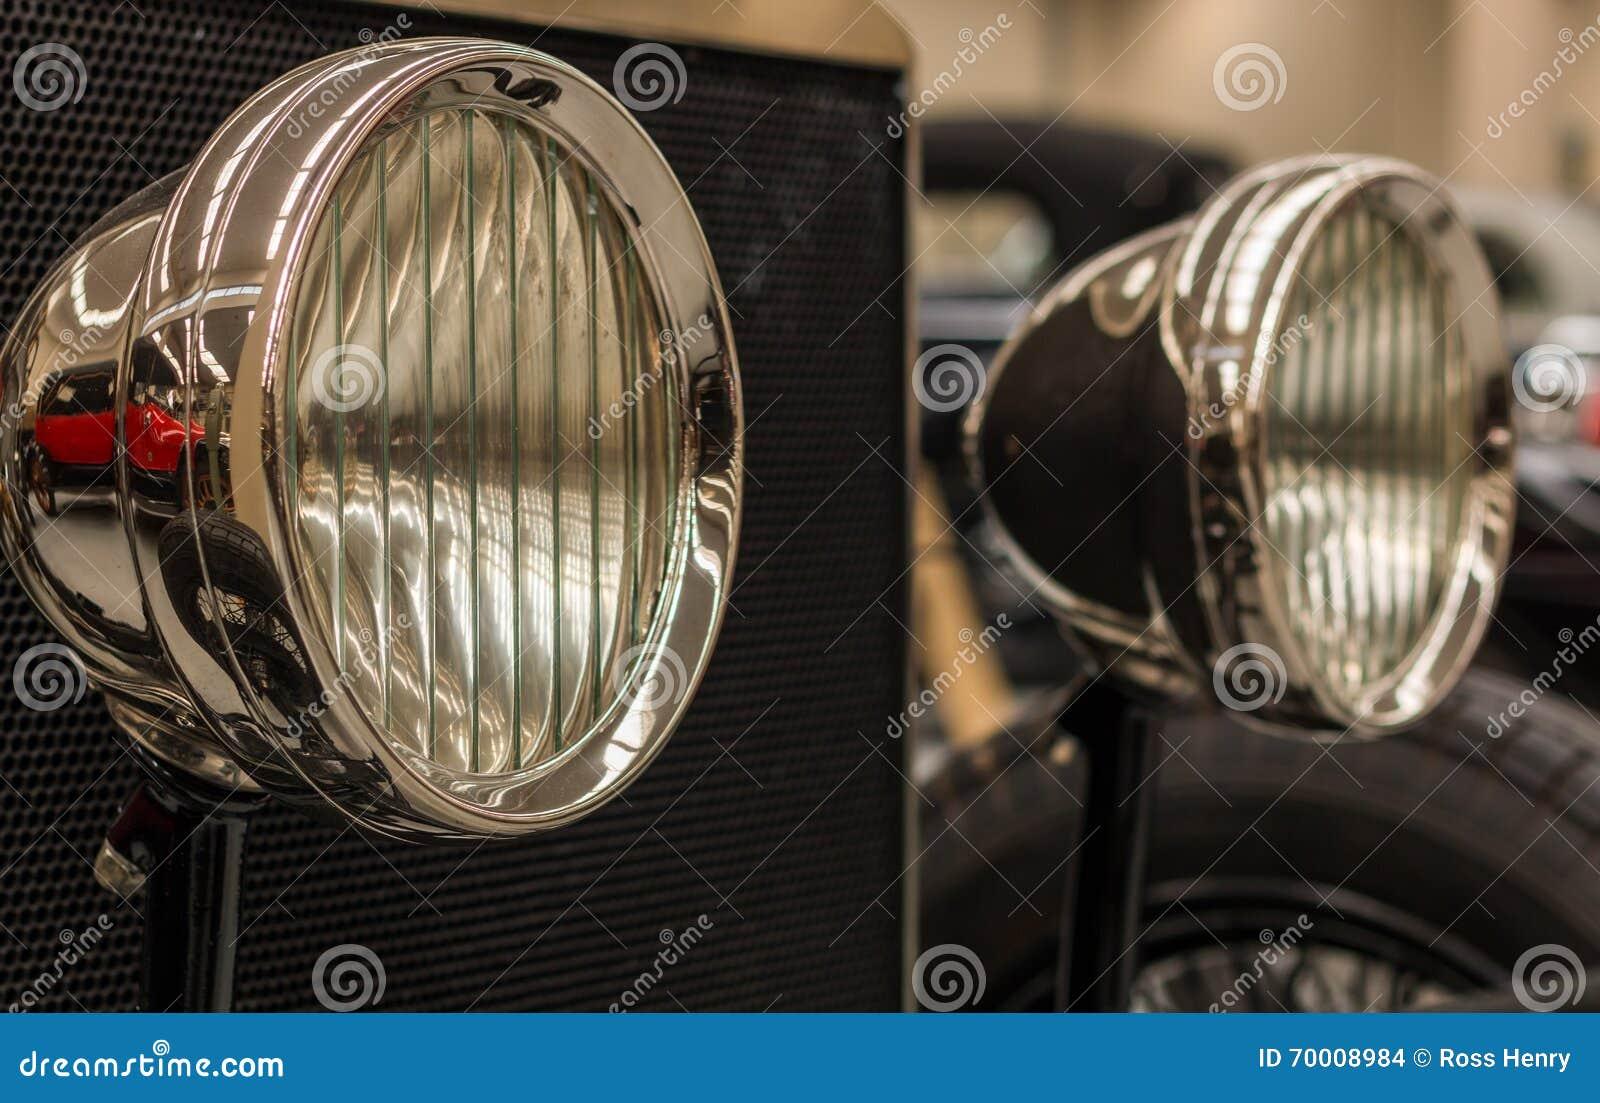 Luces de la cabeza de Chrome